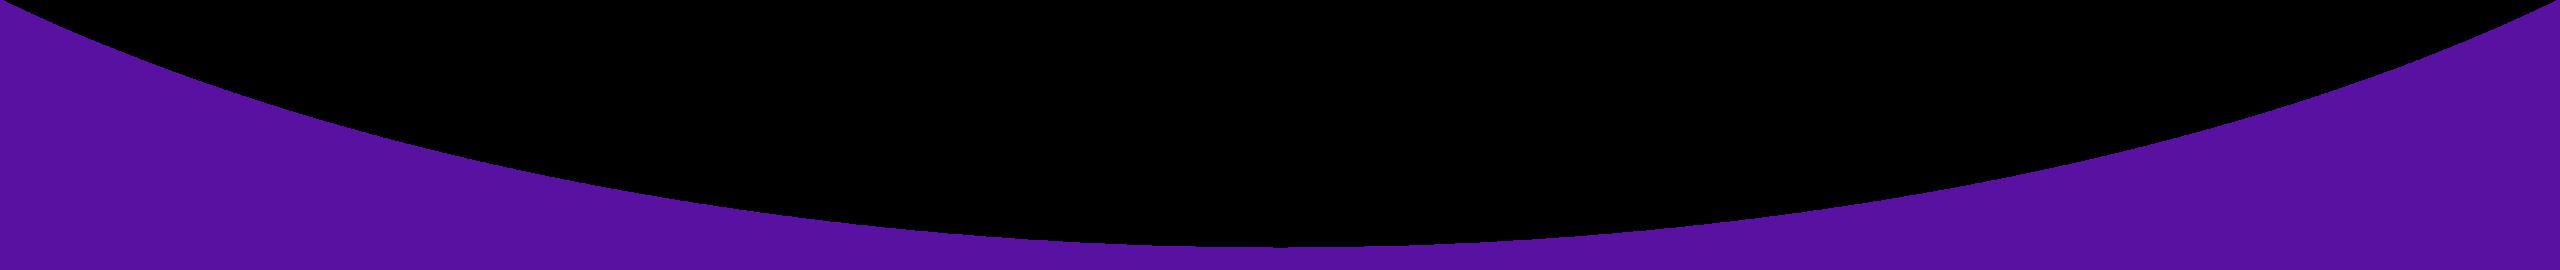 sliiii-02-01 (1)